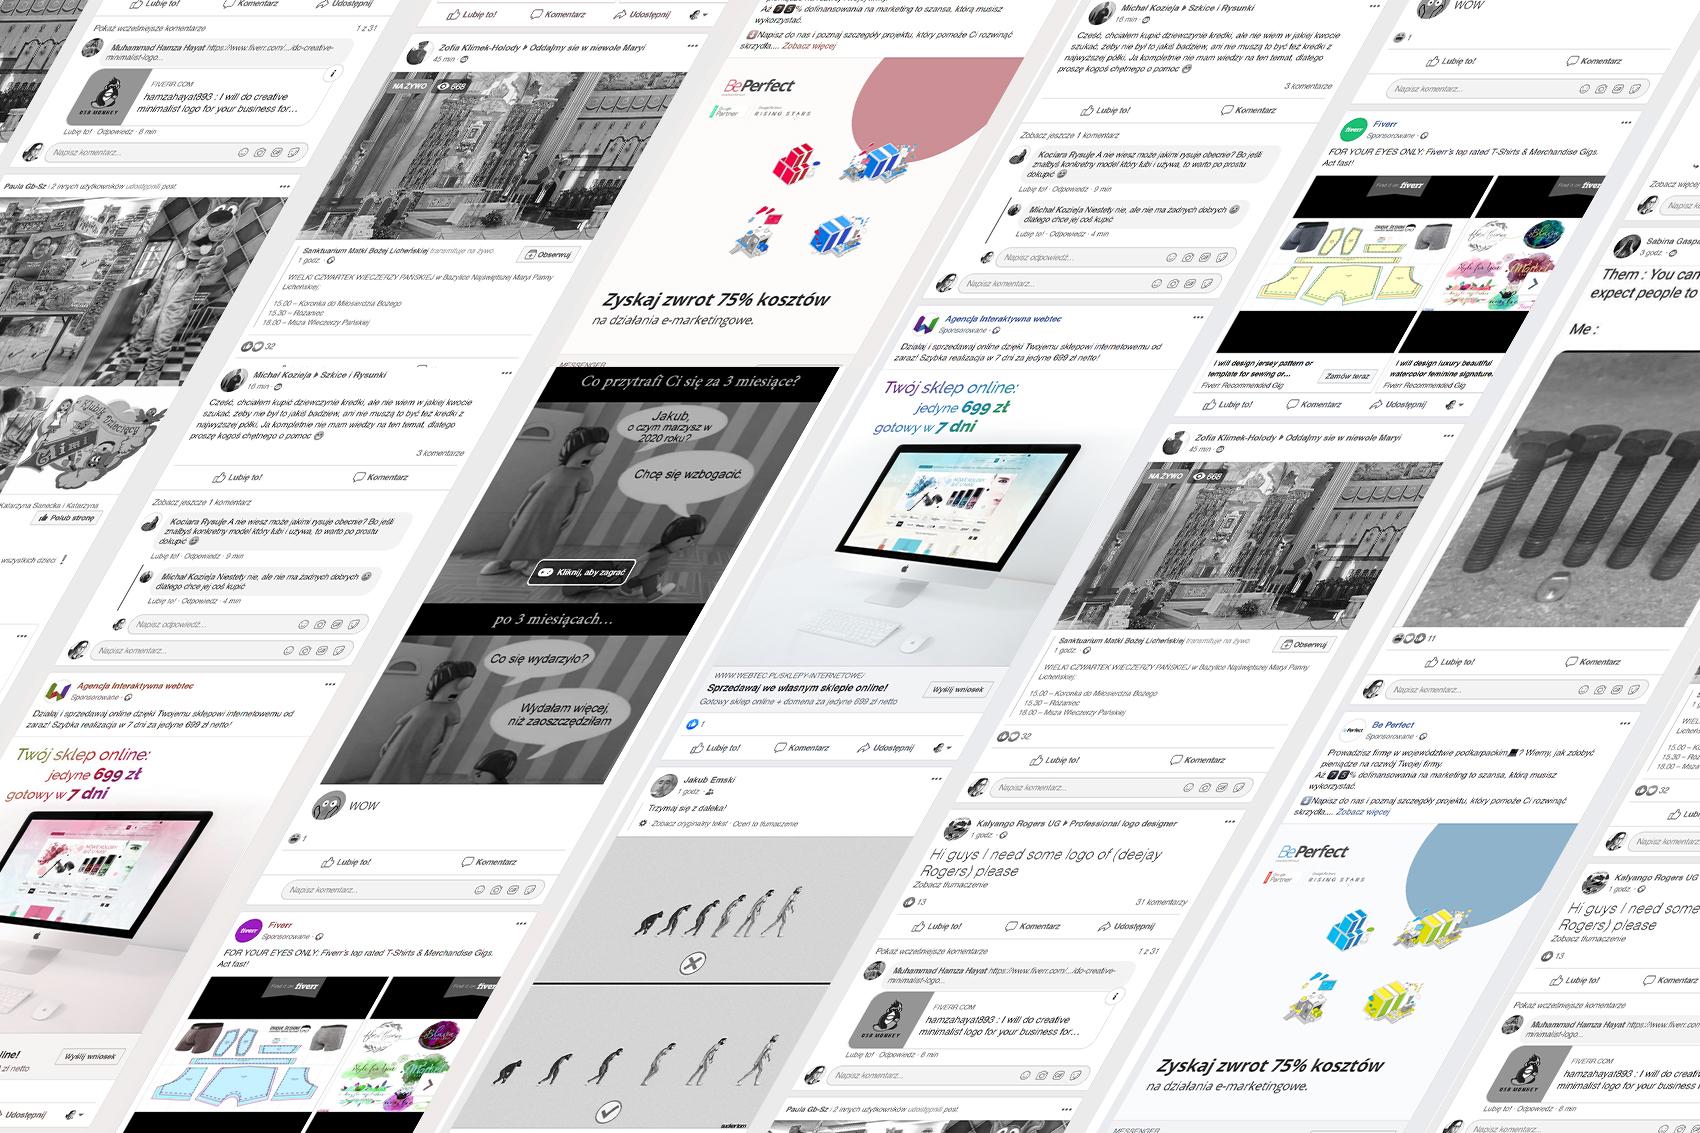 Czyreklama naFacebooku jest skuteczna?